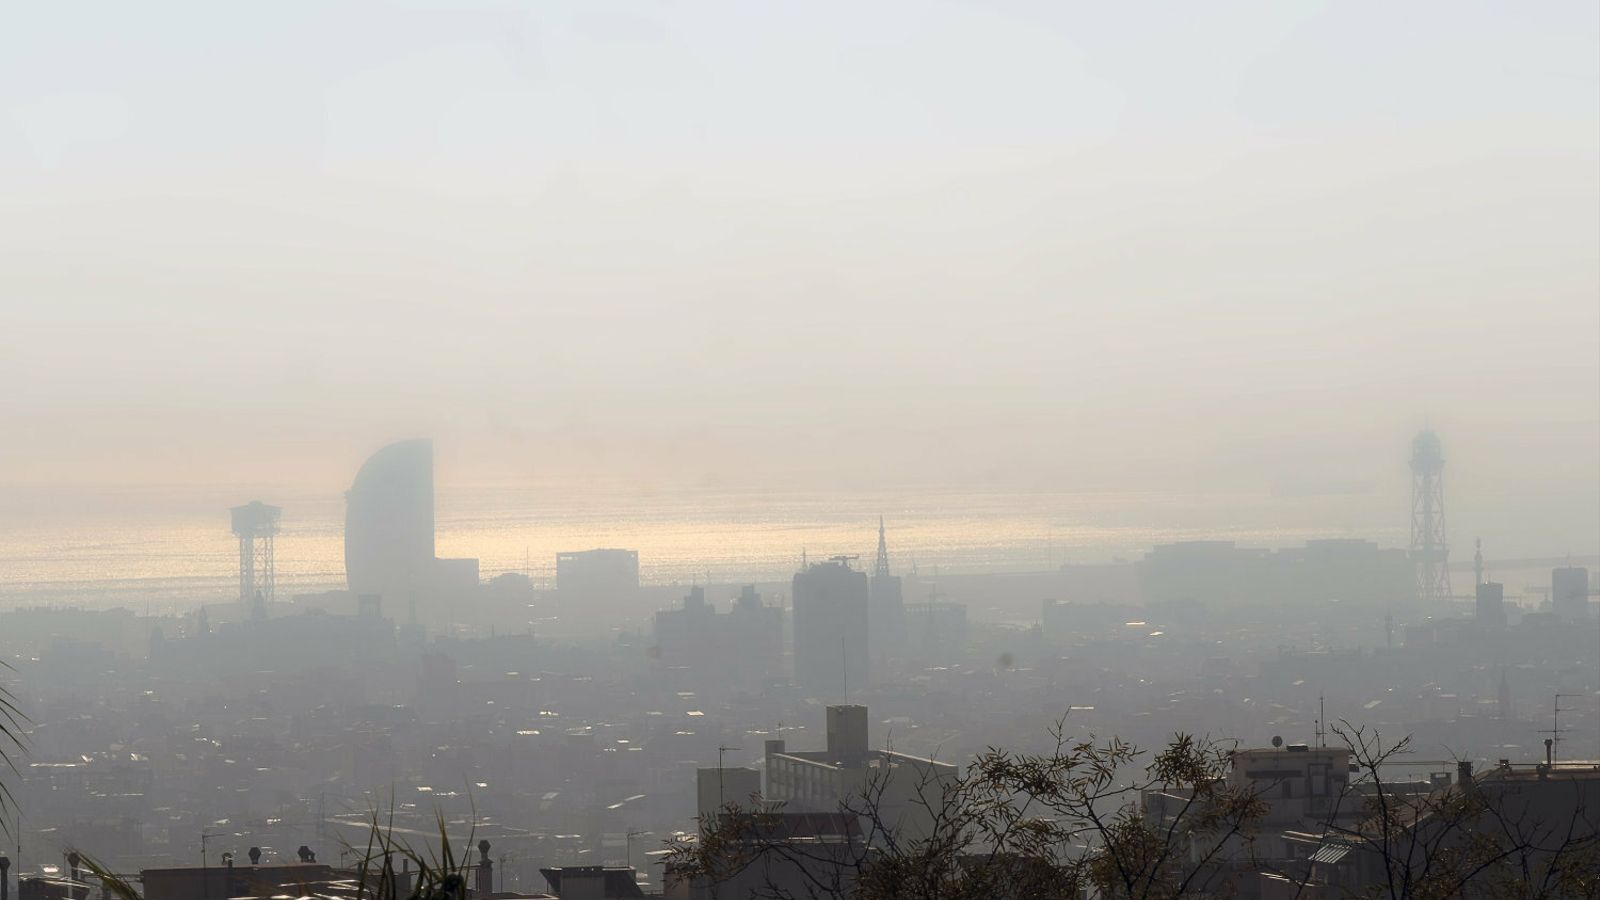 La contaminación del aire en Europa roba 125.000 años de vida saludable a los niños